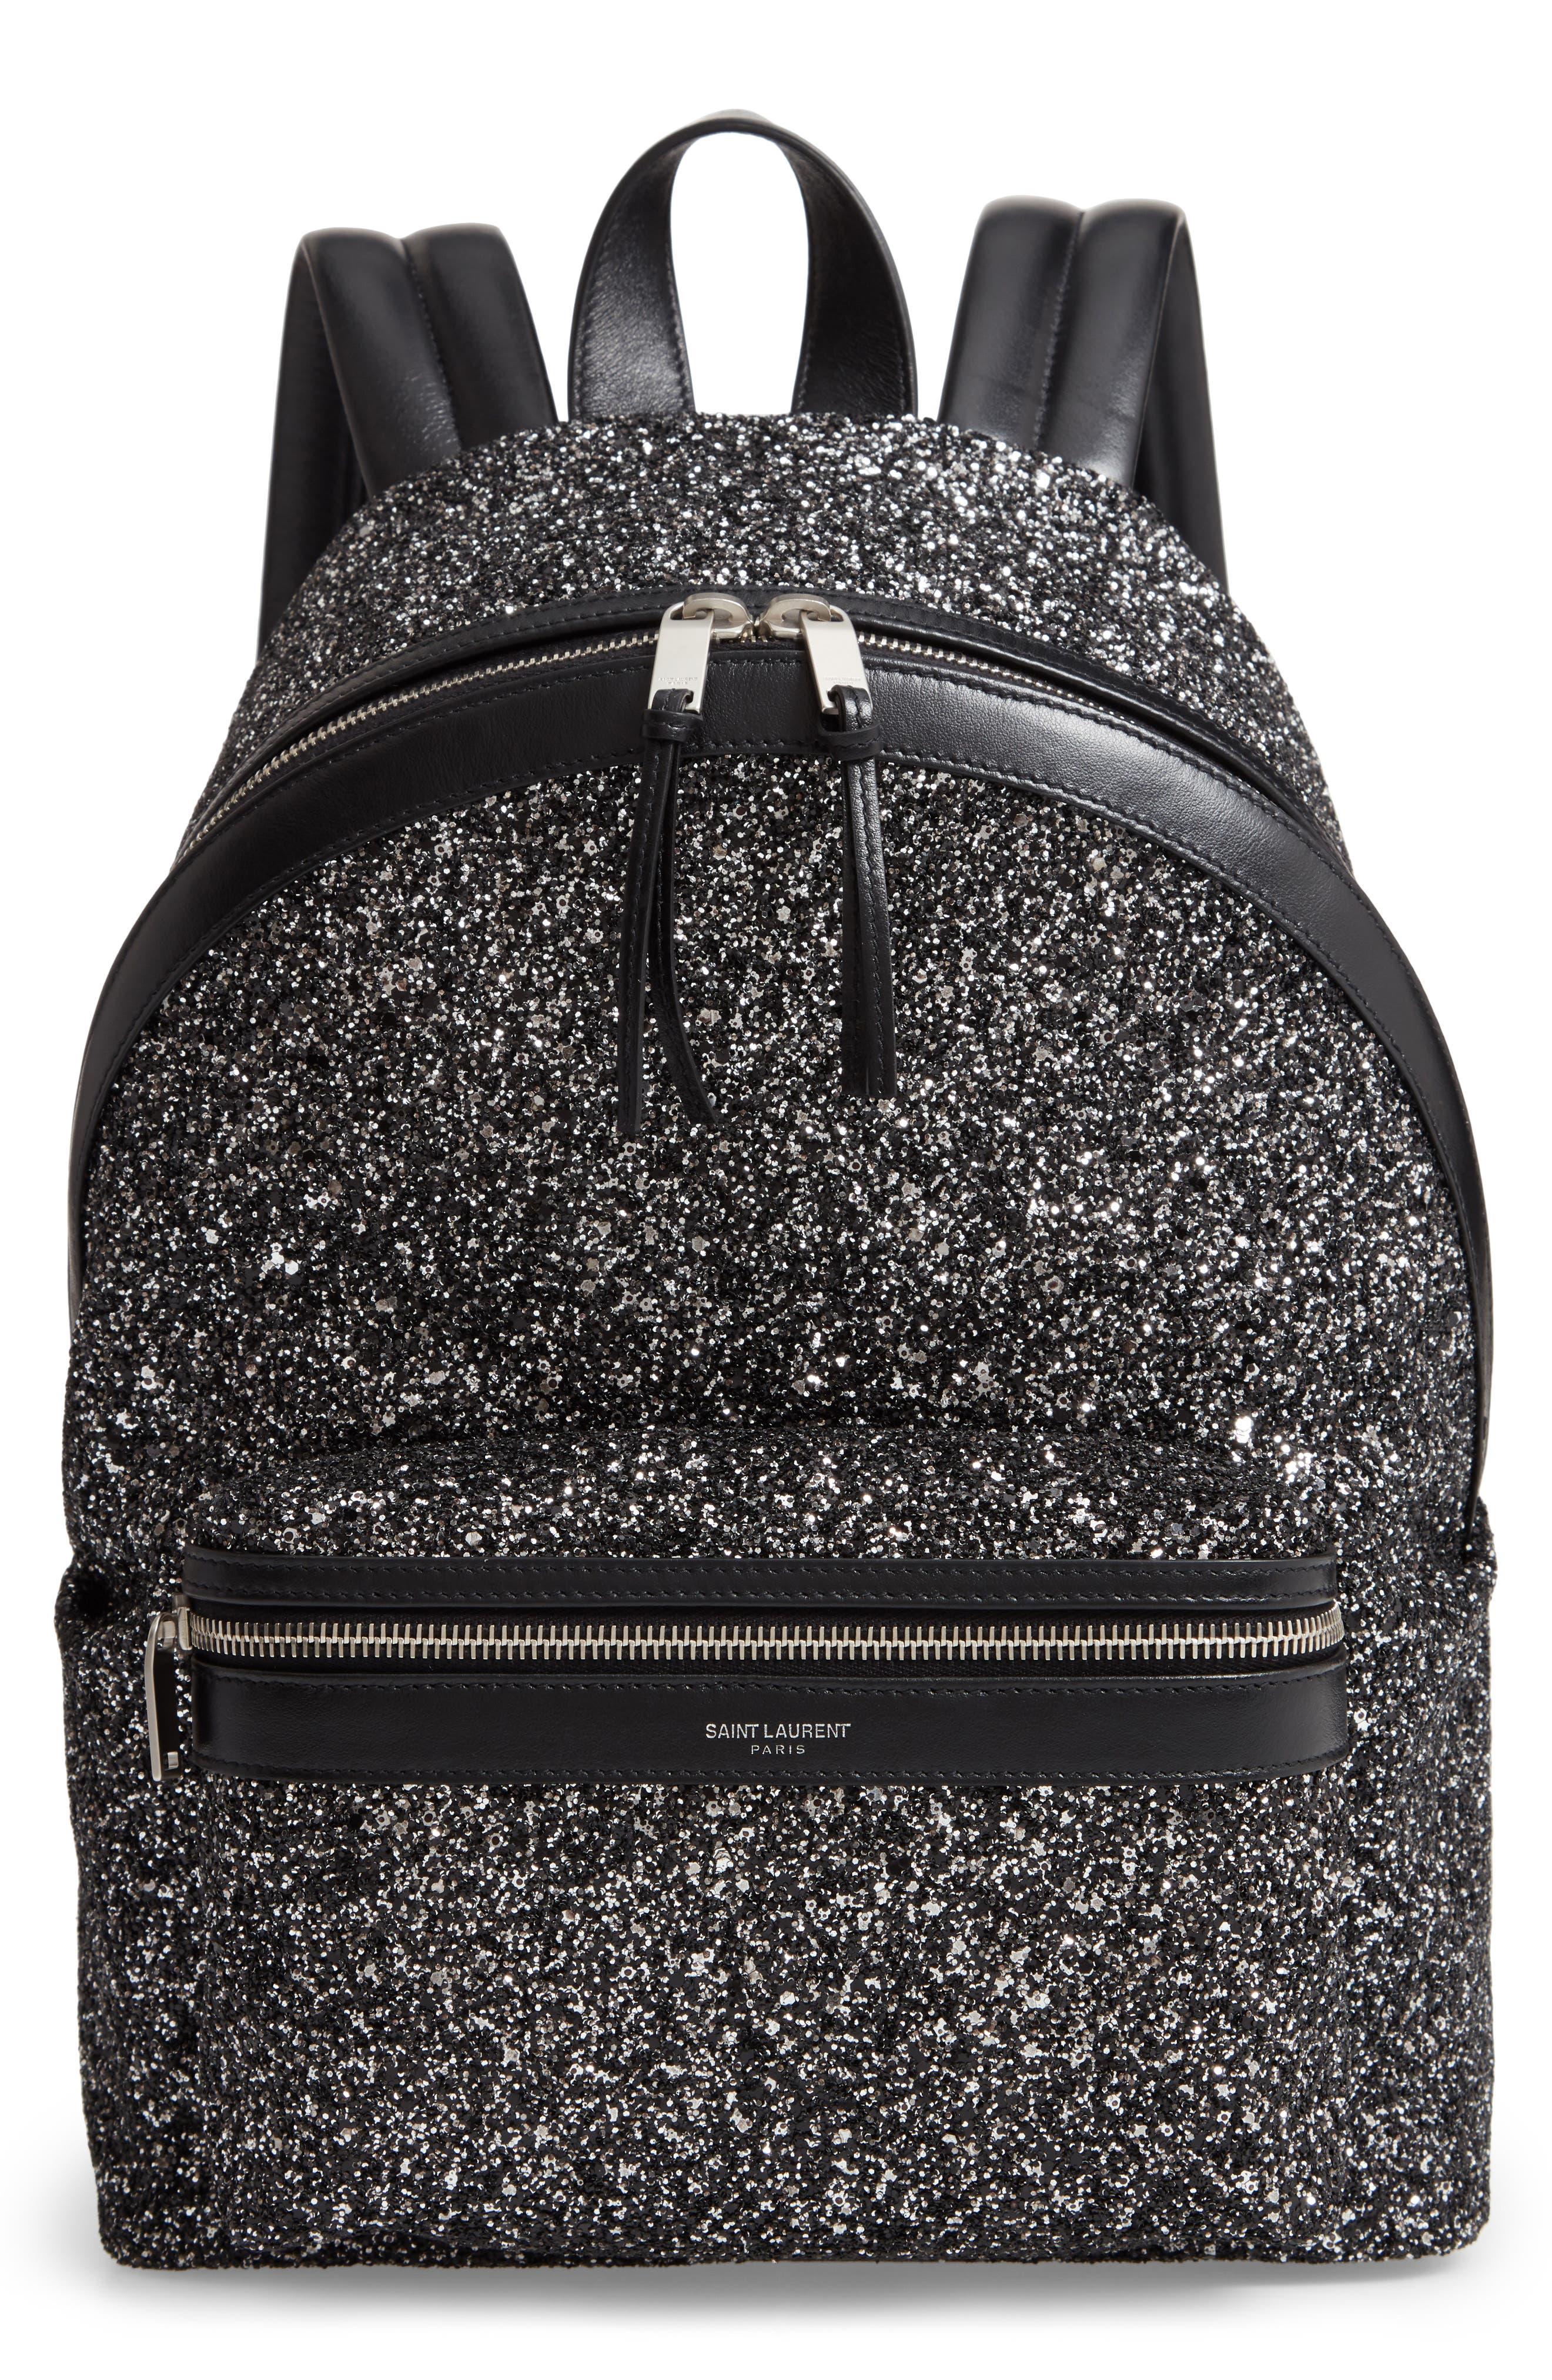 SAINT LAURENT Mini City Glitter Backpack, Main, color, NERO/ GUN METAL